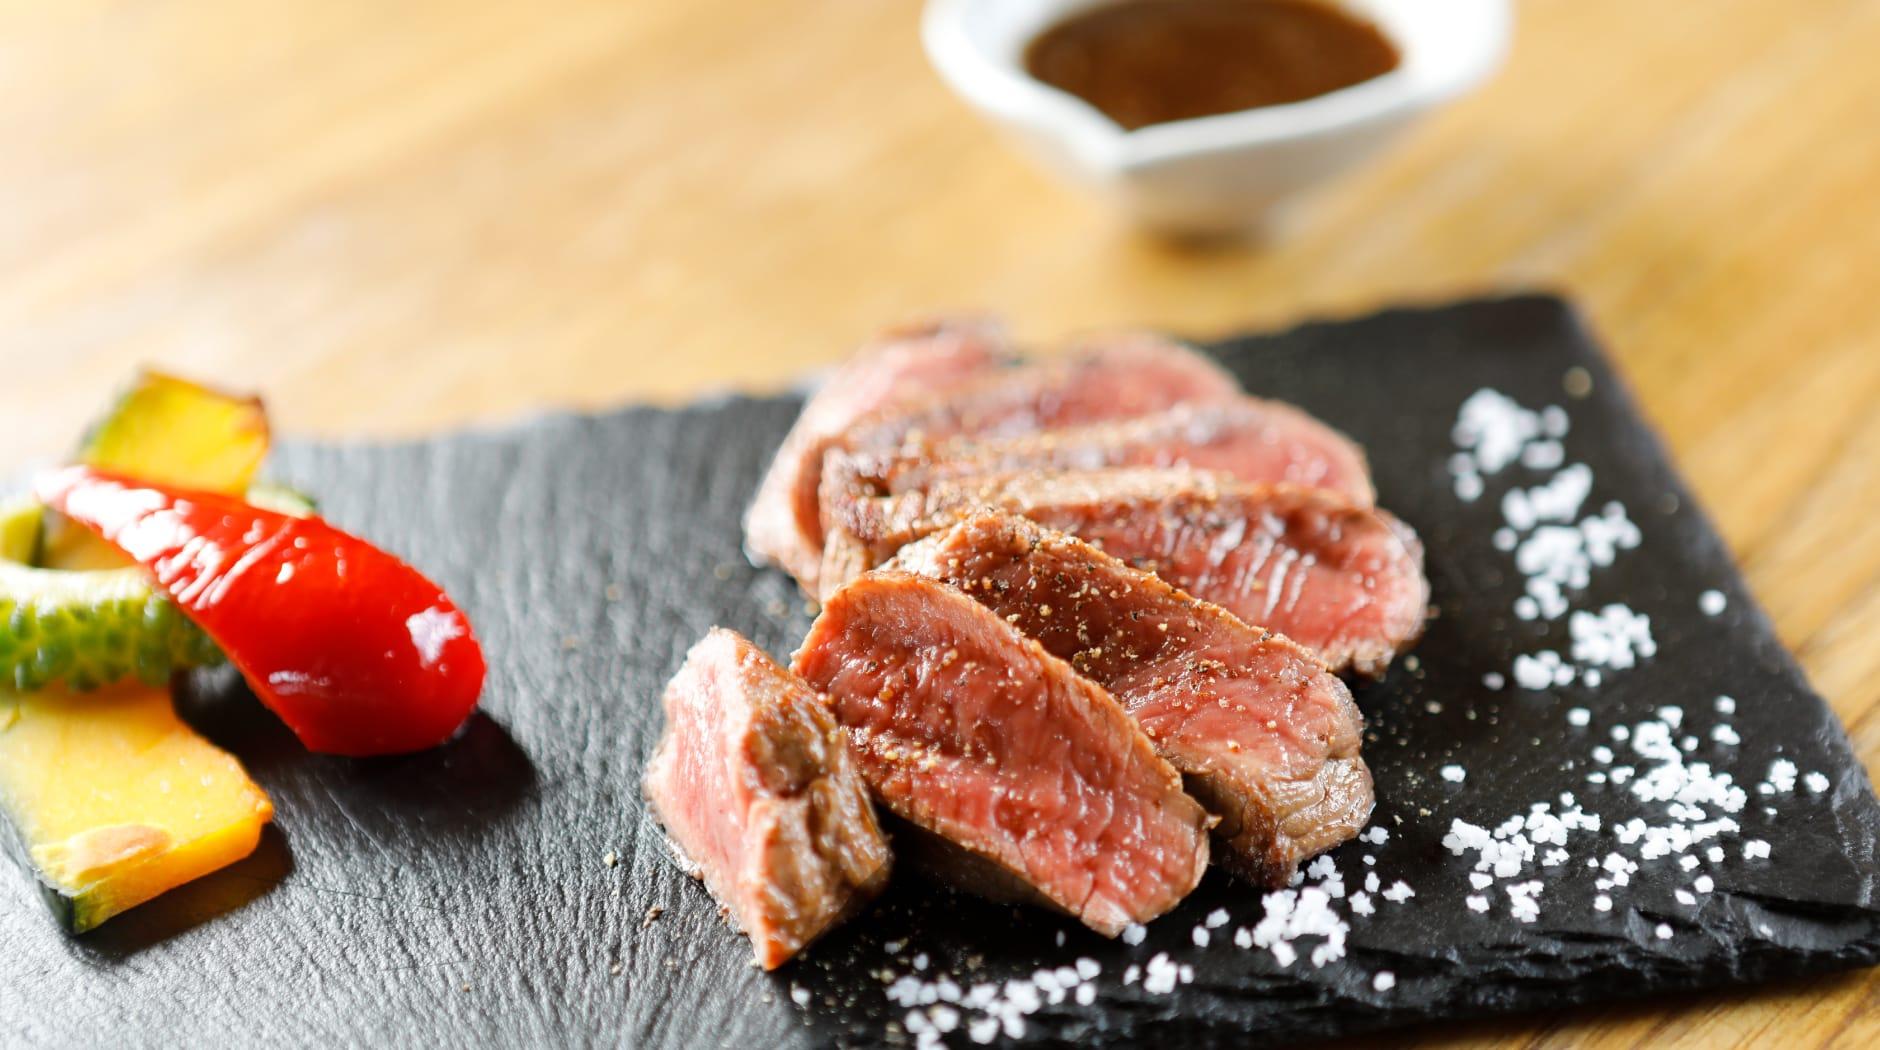 燻製沖縄料理 かびら亭